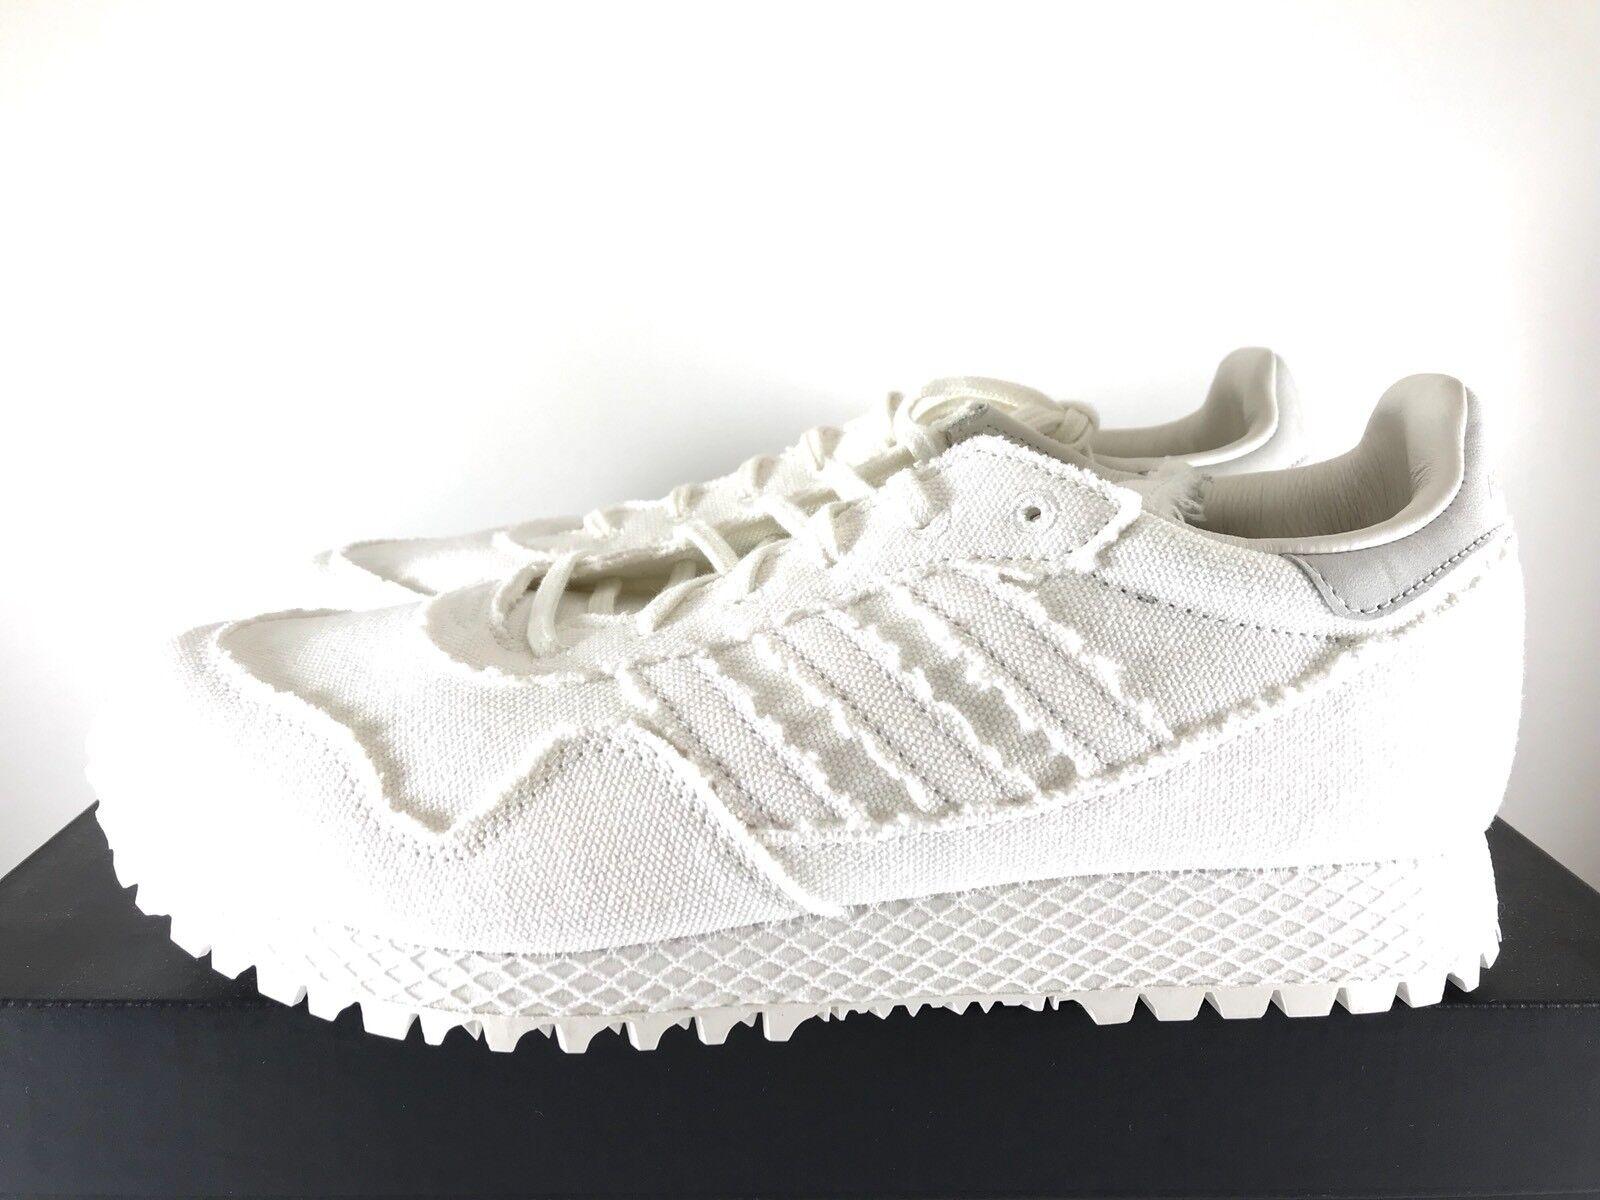 Adidas consorzio new york uomini daniel arsham cm7193 passato 1 impulso 3 uomini york 8 8fca3b